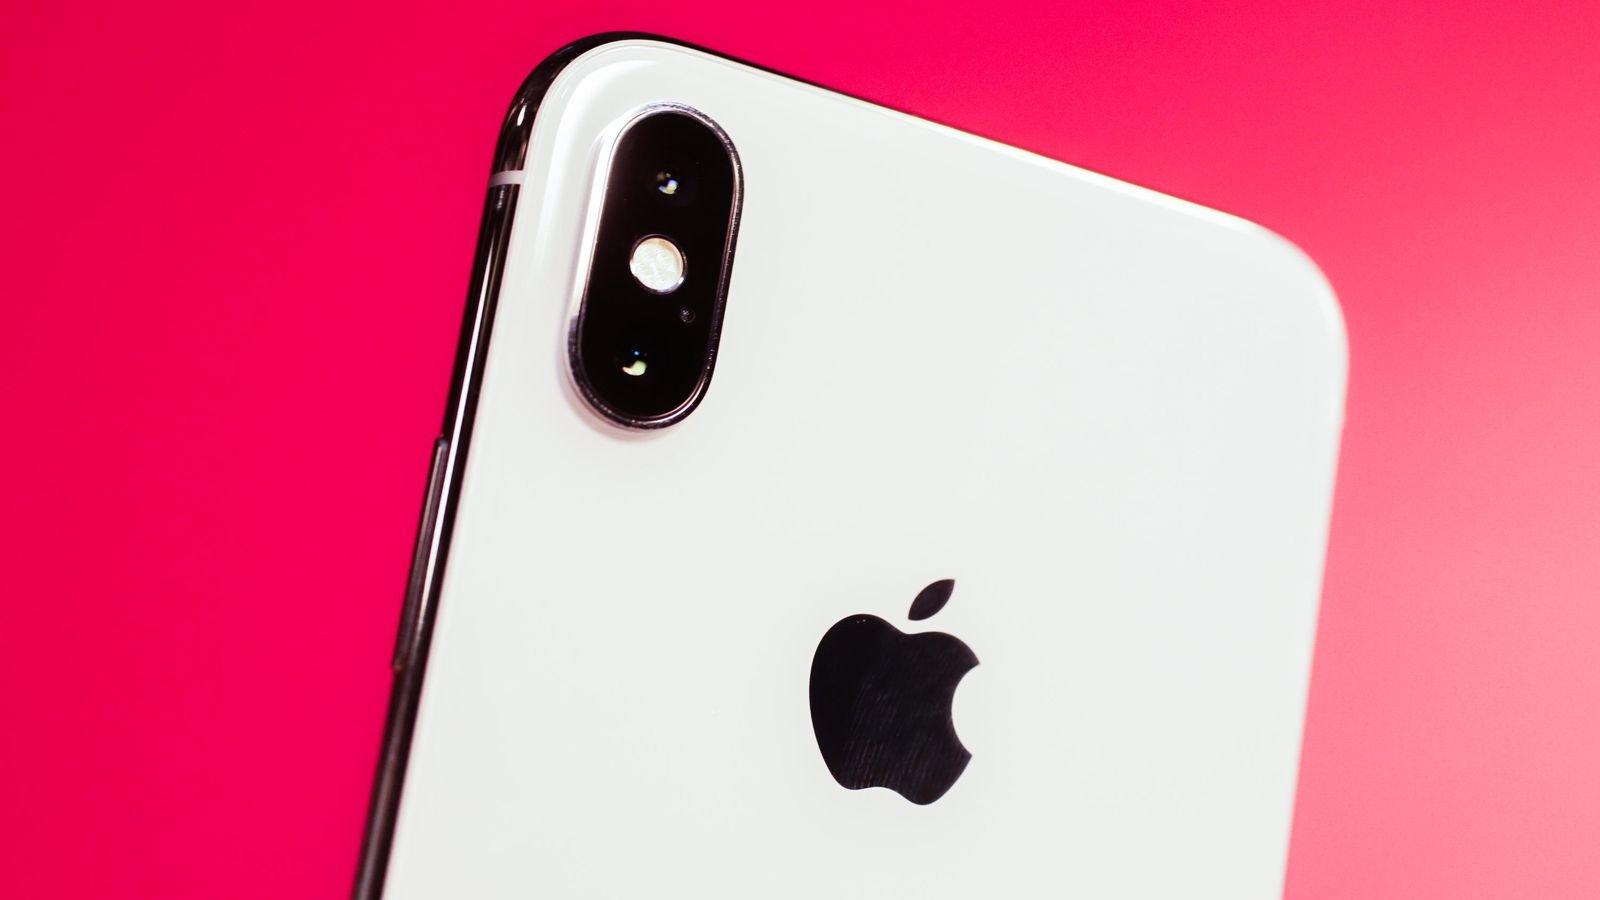 Представлены 5 бесполезных преимуществ нового iPhone 11 Plus